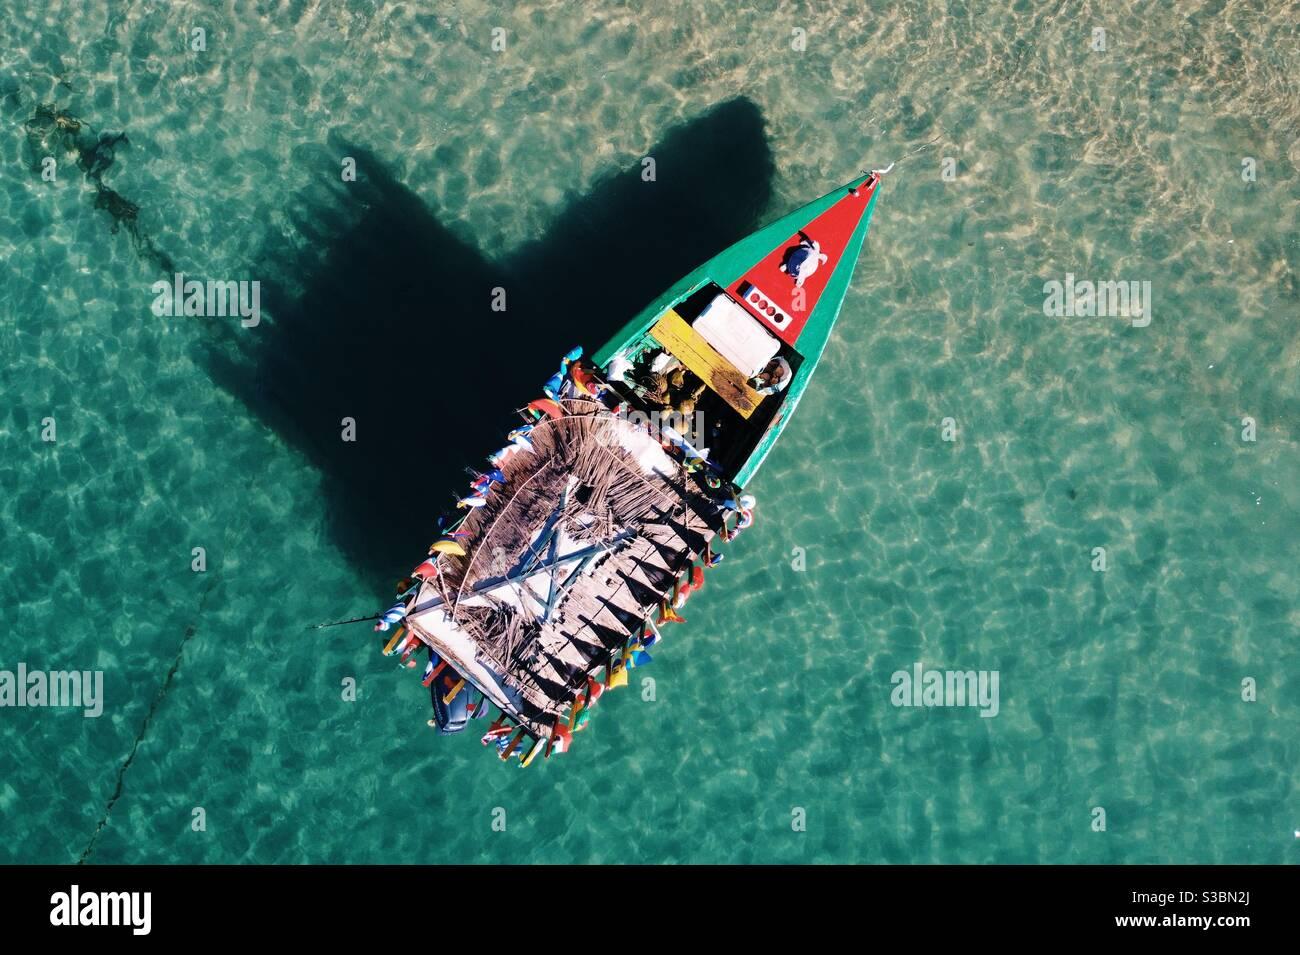 Un bateau peint aux couleurs vives flottant dans la mer des Caraïbes, au large de Sainte-Lucie. Banque D'Images